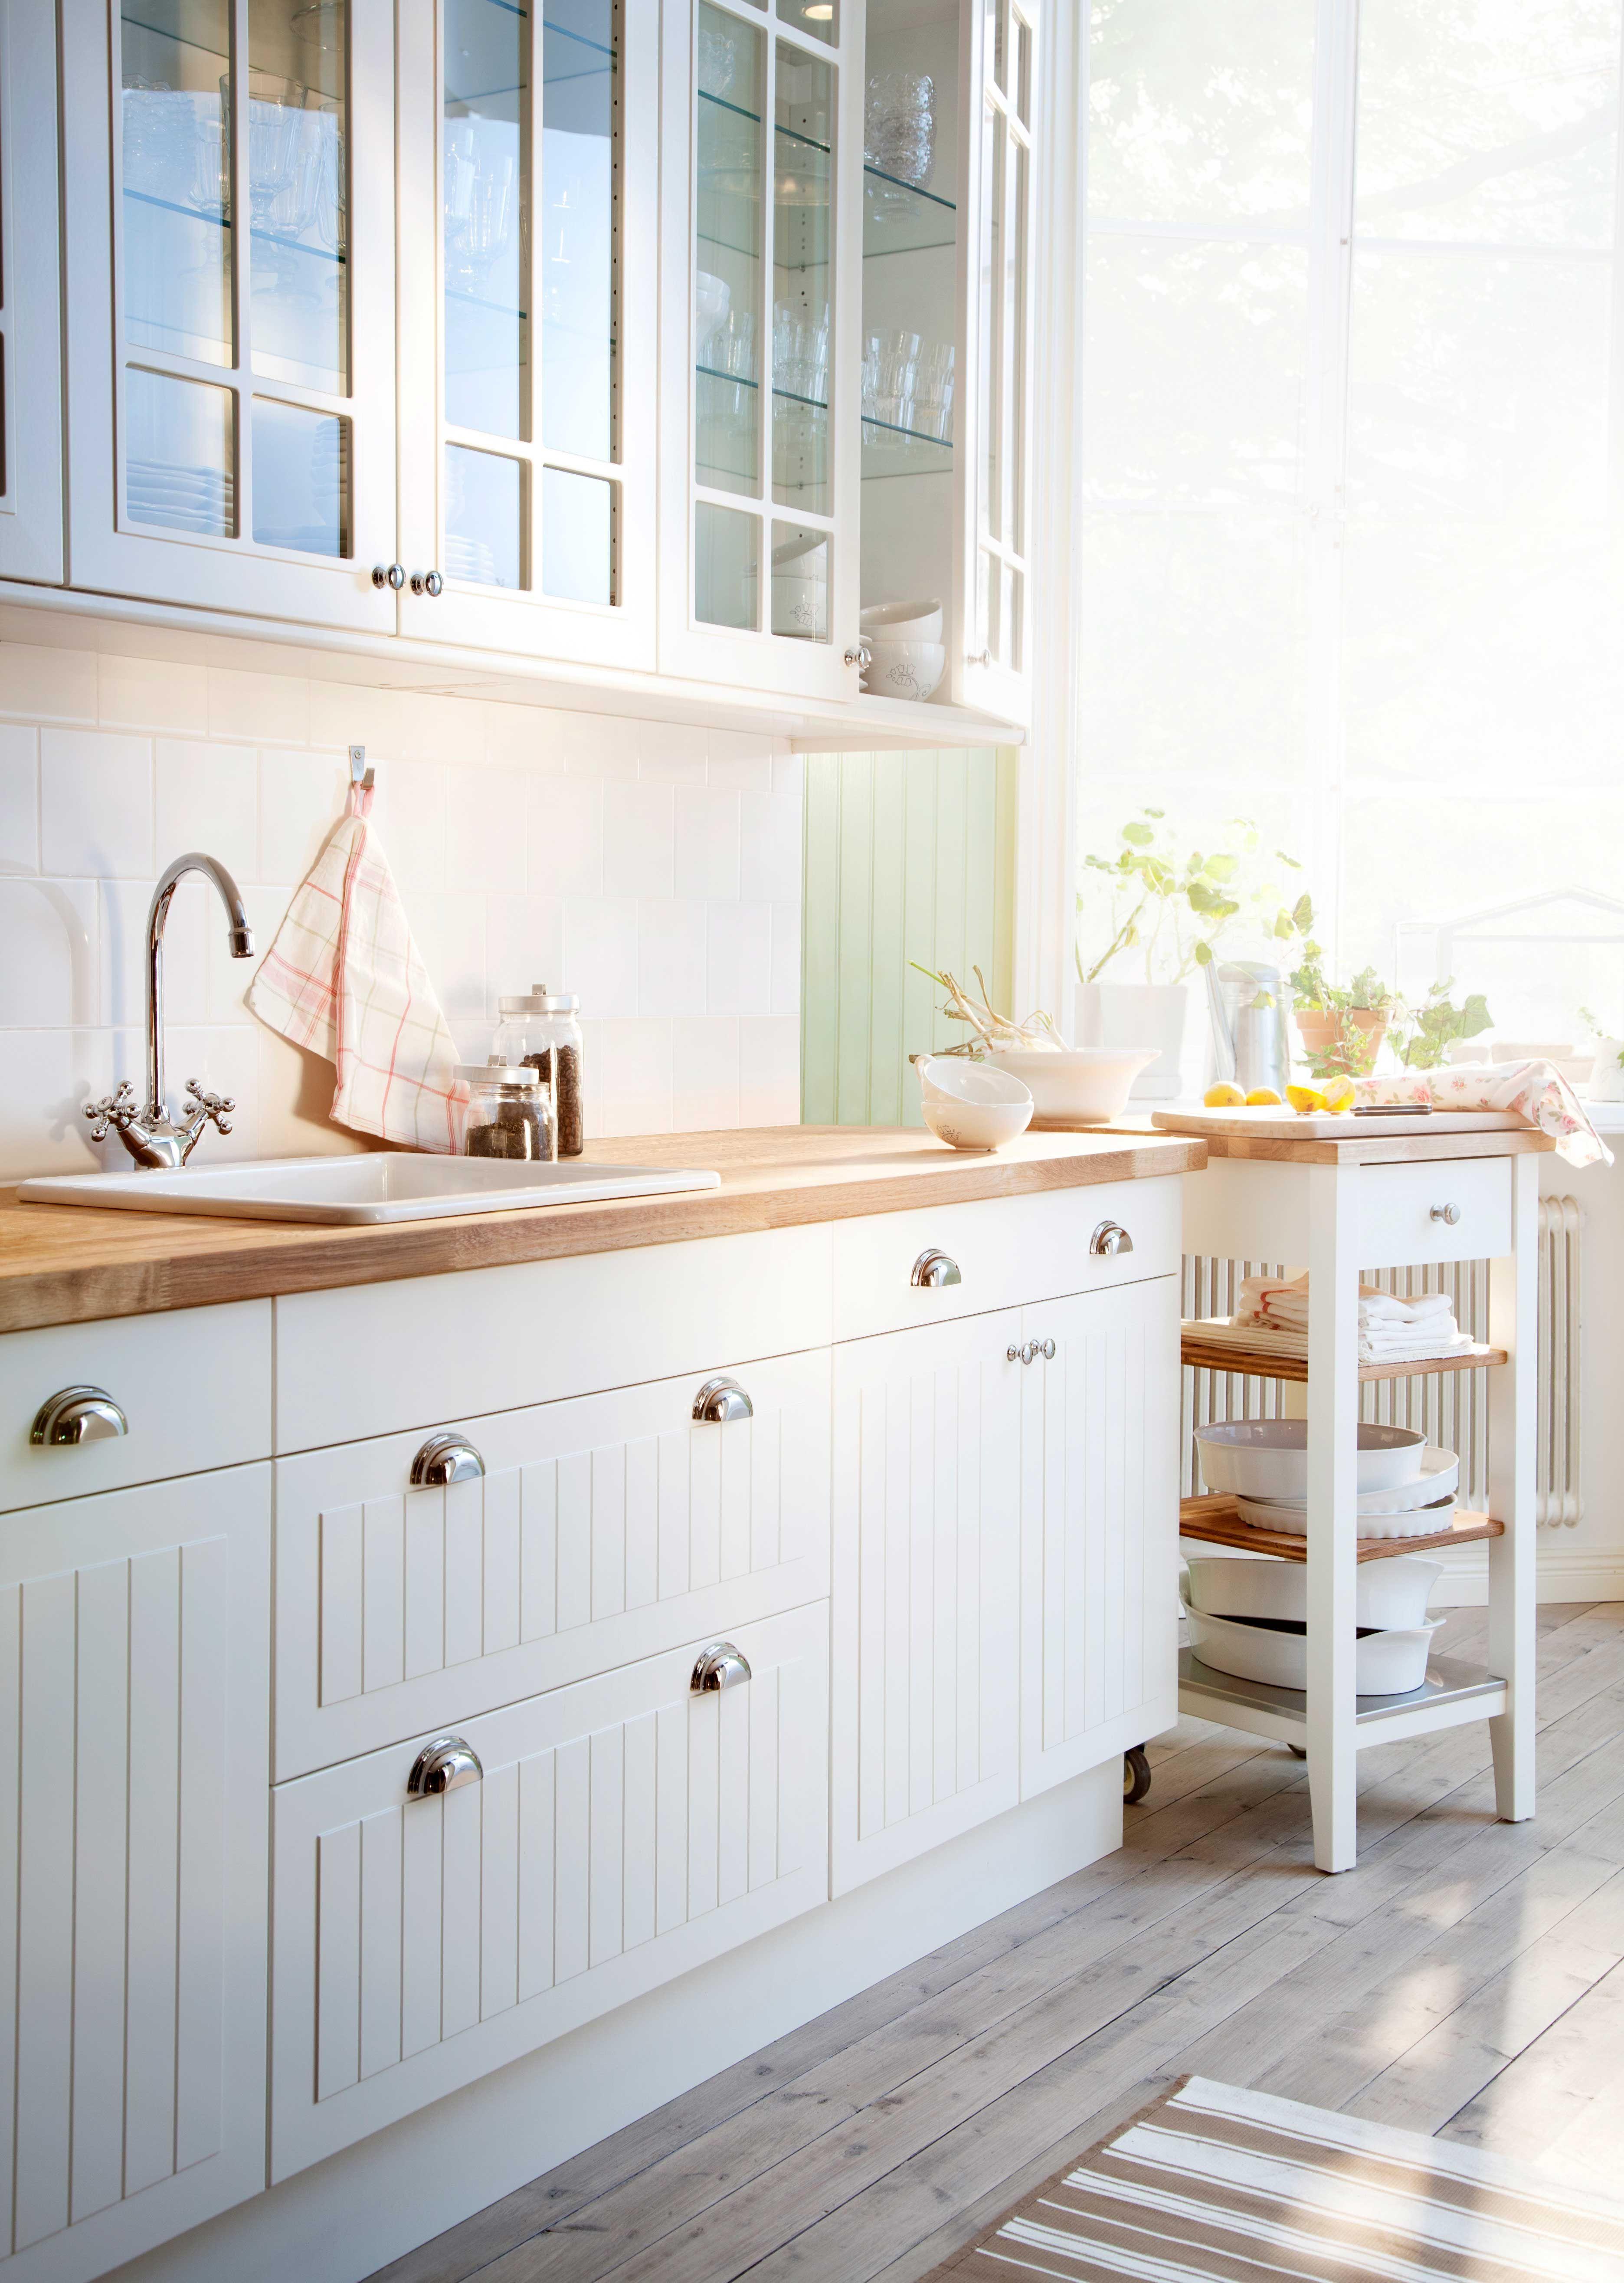 Kuche Fur Jeden Geschmack Stil Gunstig Kaufen Mit Bildern Ikea Kuche Landhaus Haus Kuchen Moderne Bauerliche Kuchen